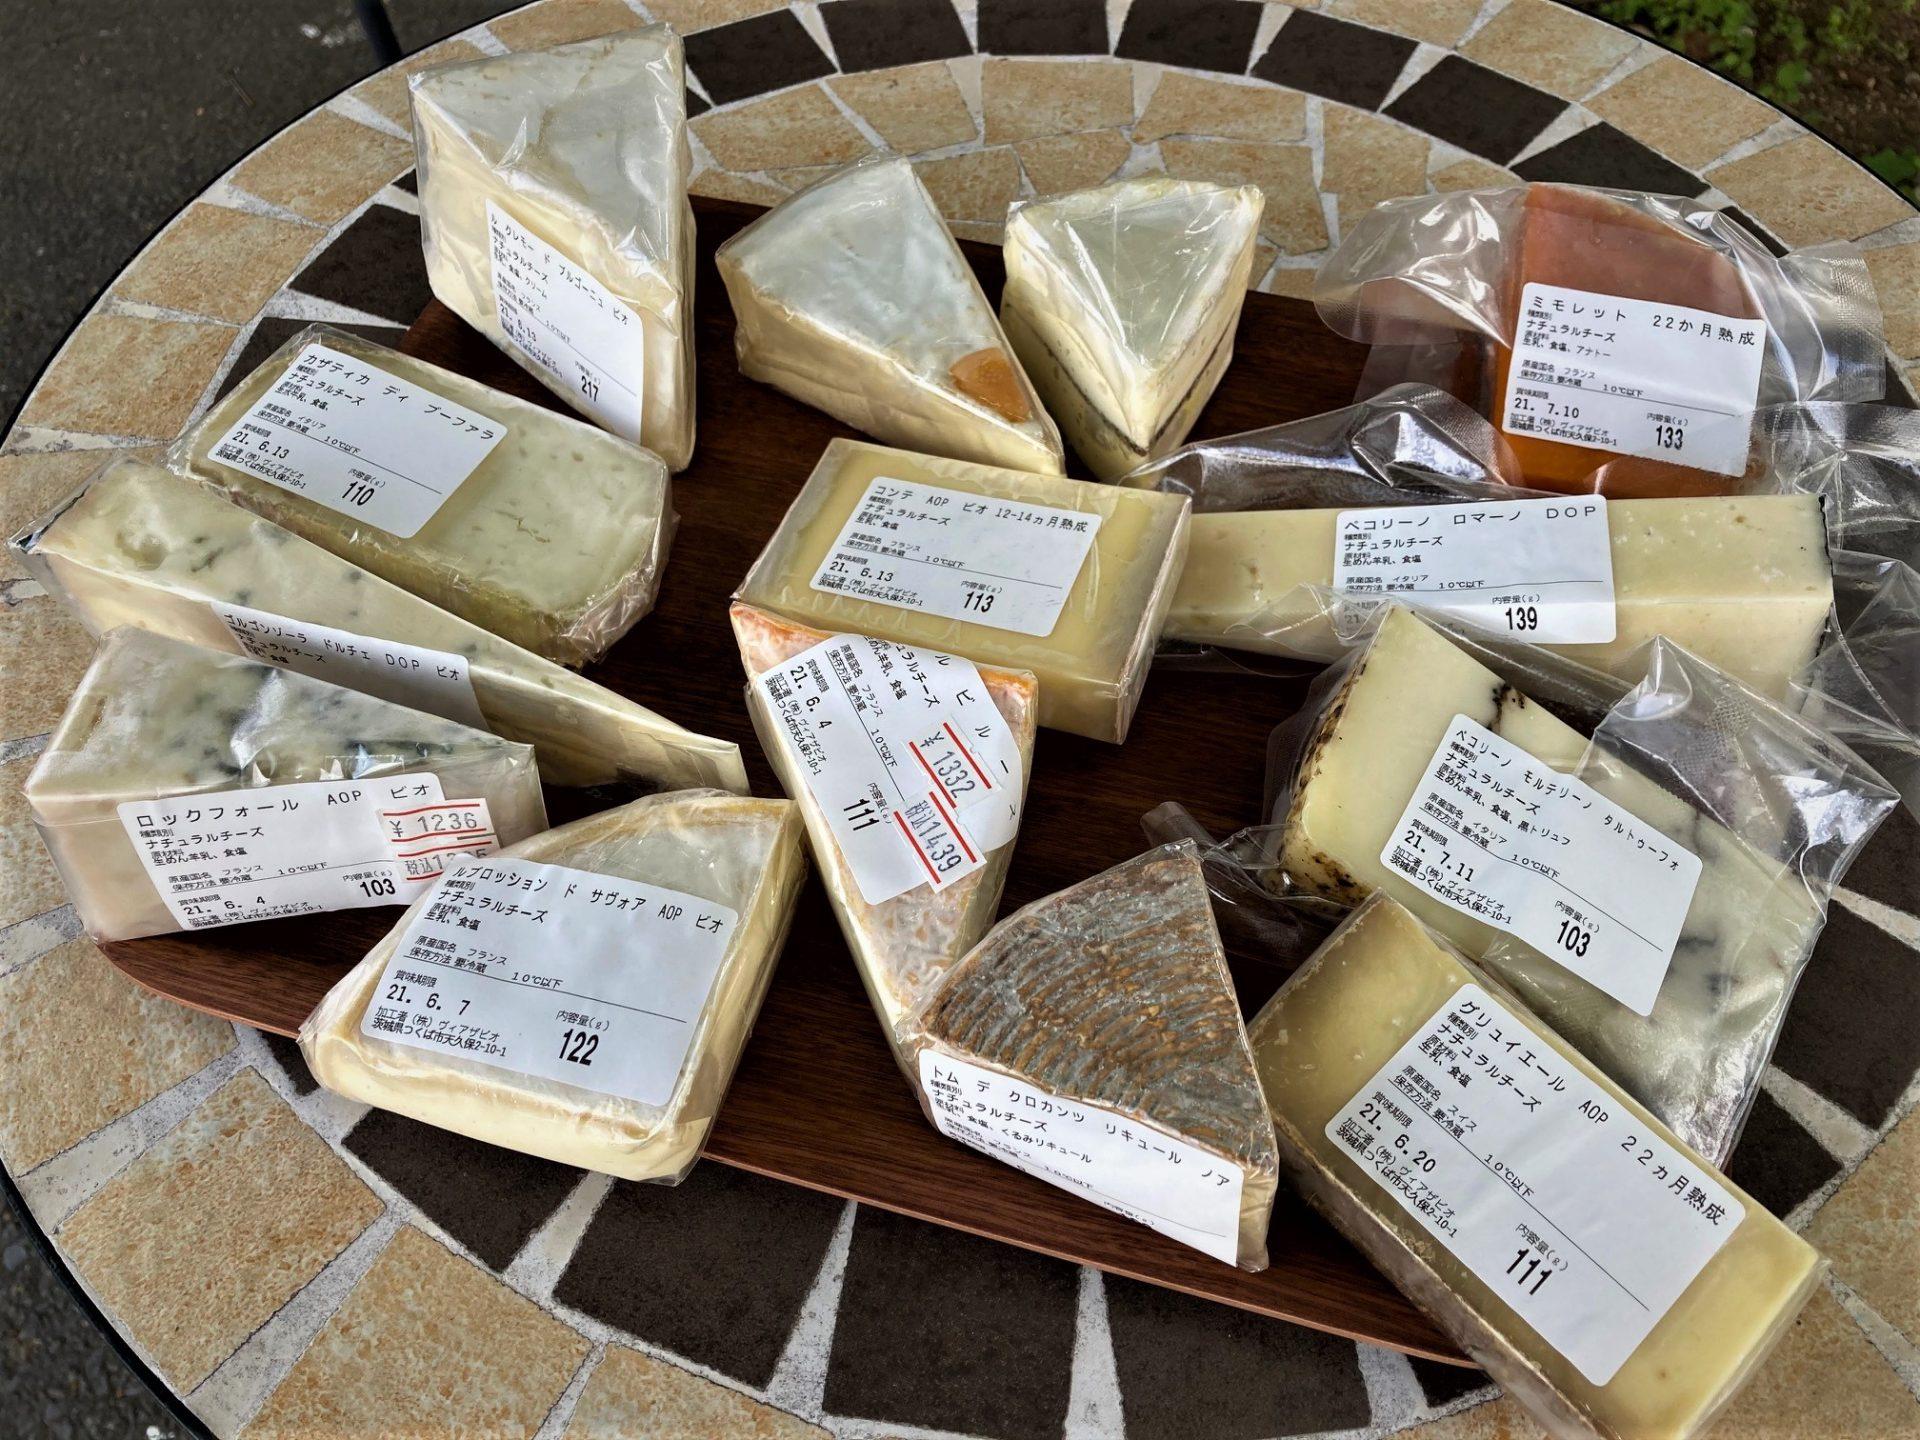 5/24入荷チーズです